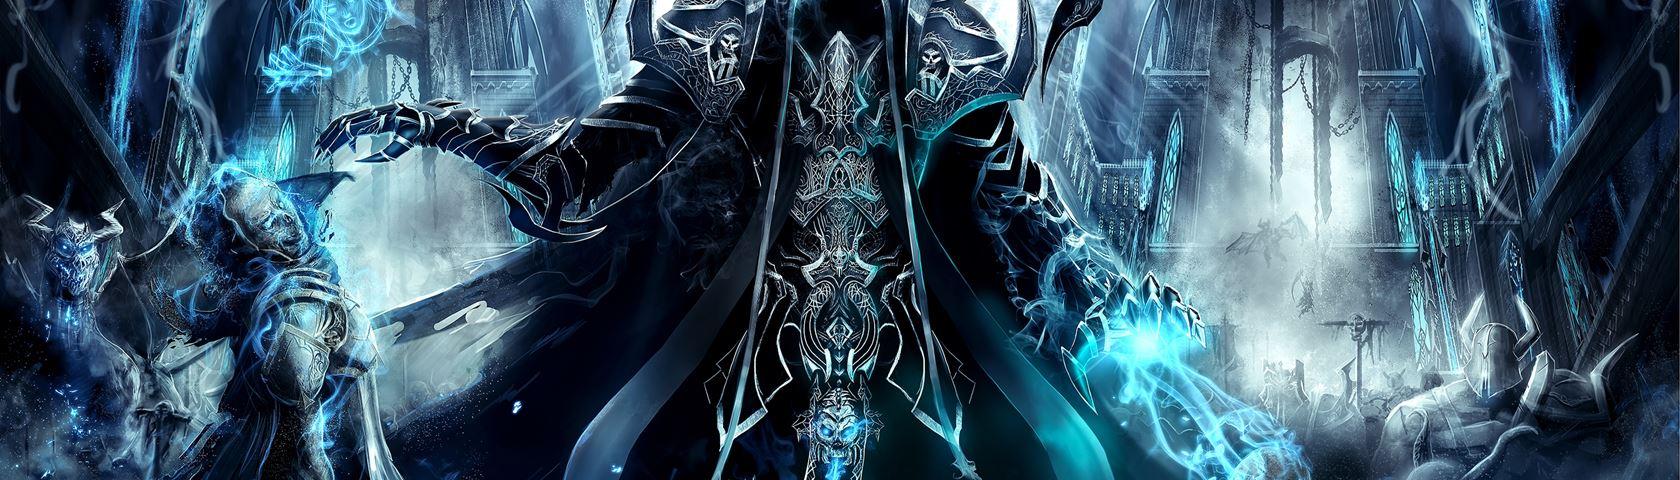 Diablo III Ultimate